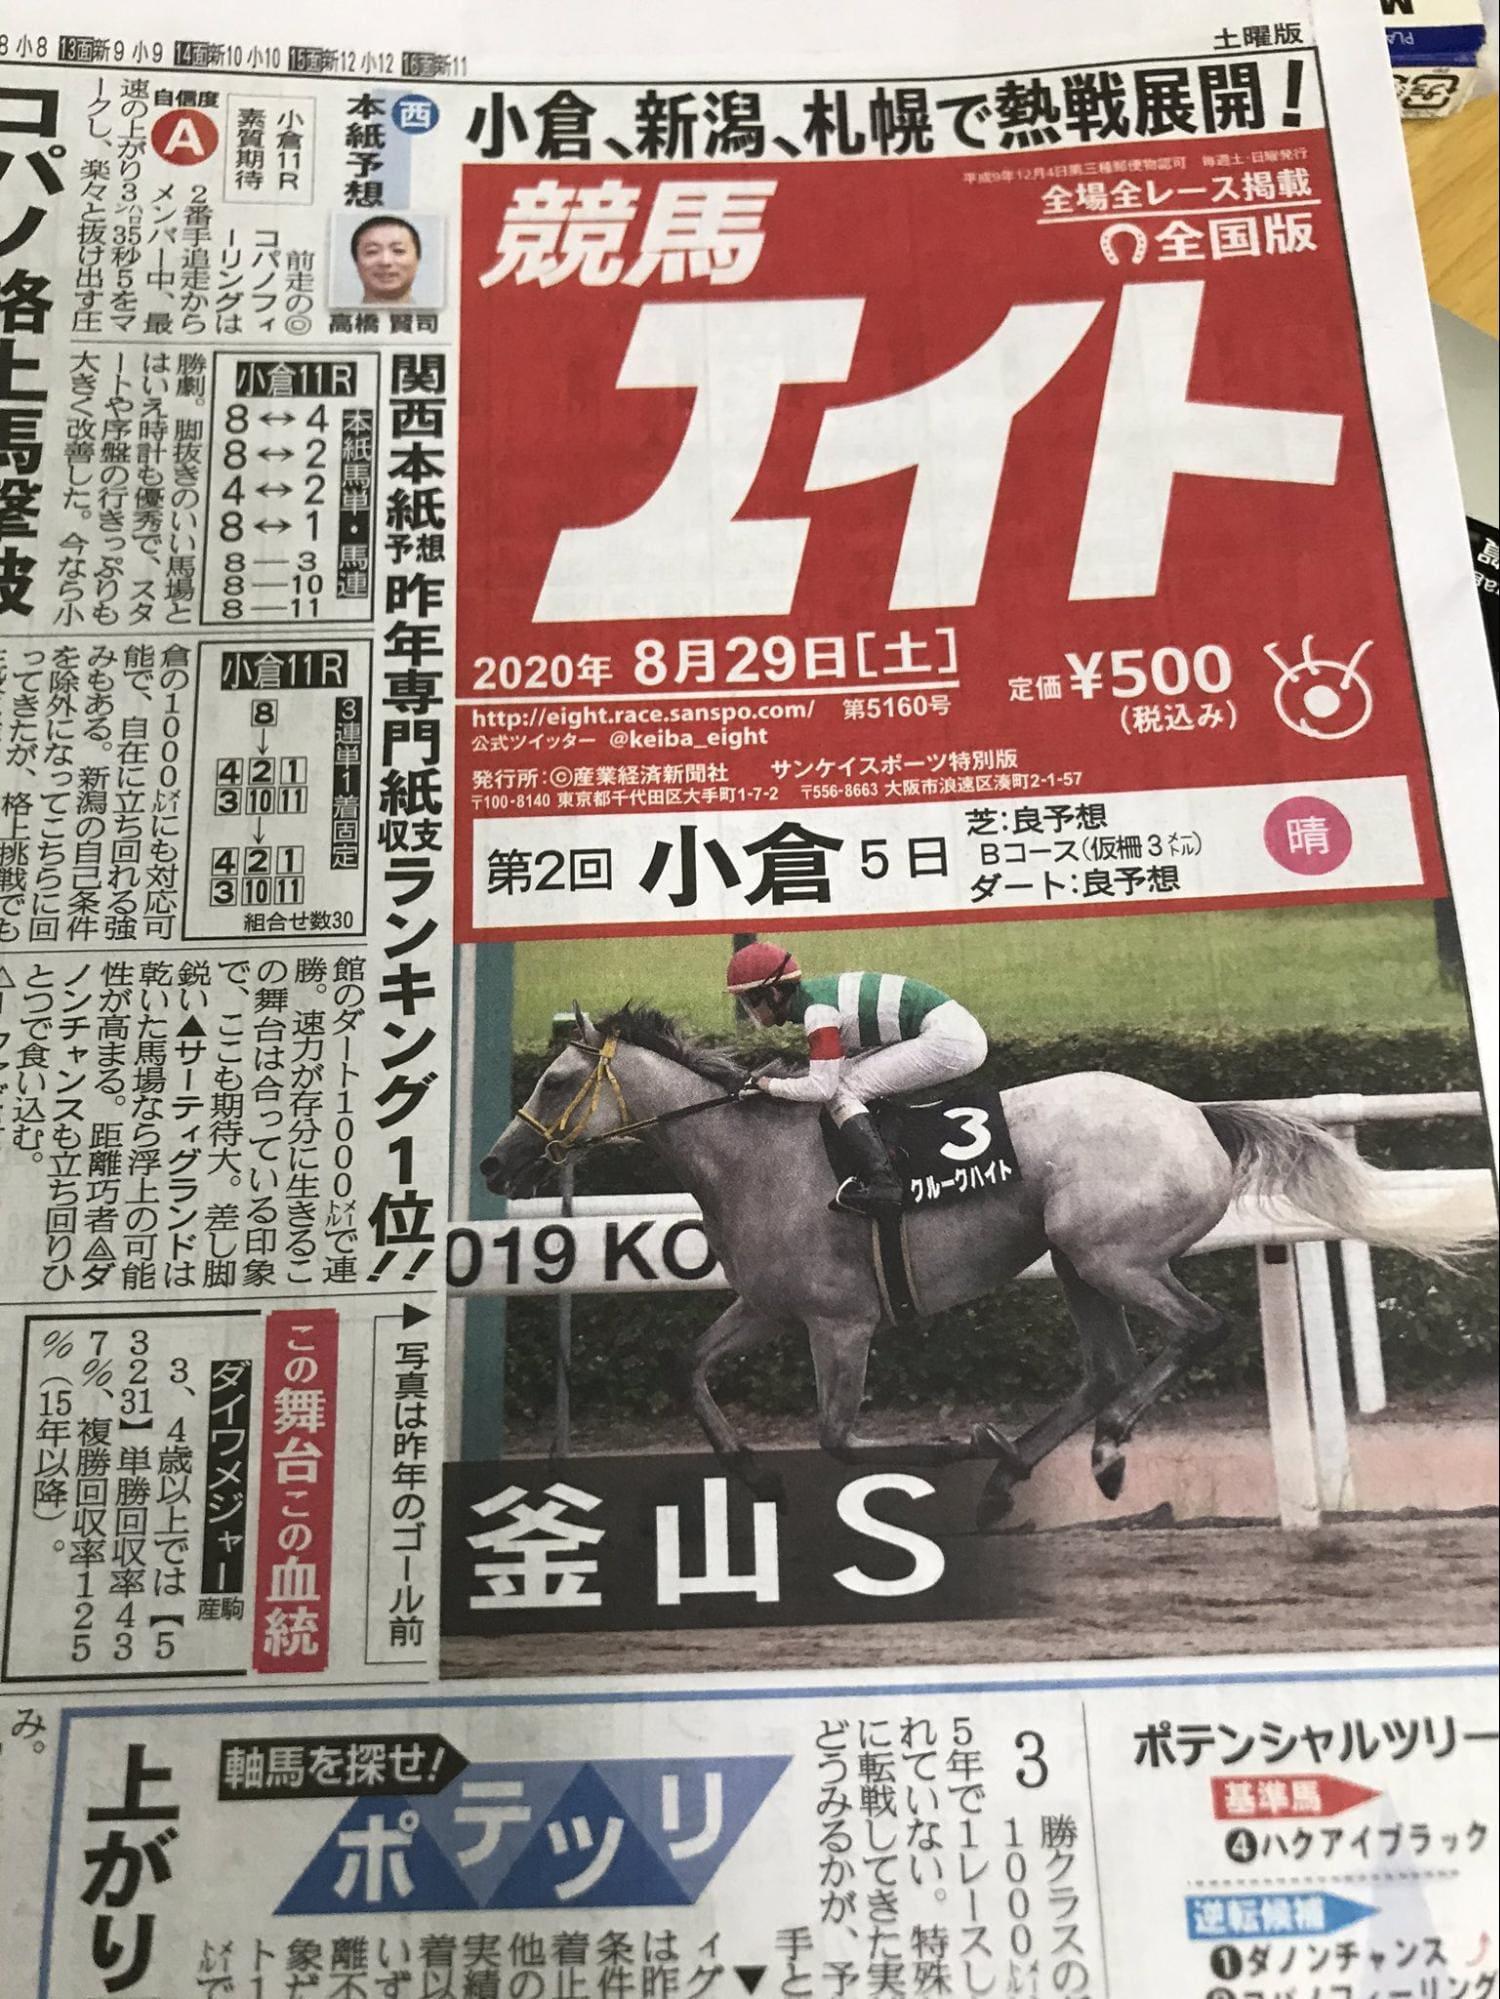 競馬税金裁判 2018年8月の横浜在住男性